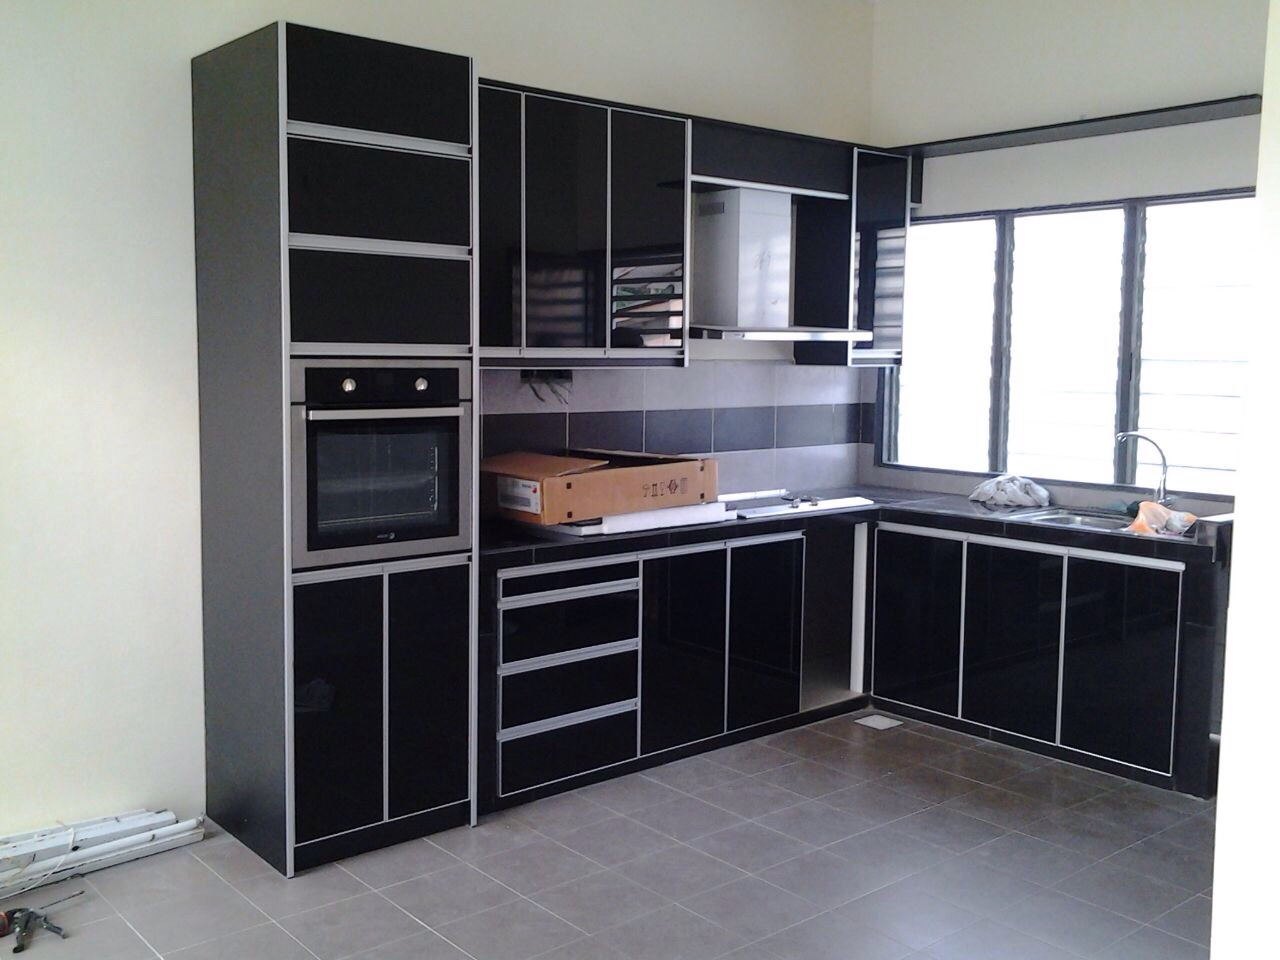 Tempah Kabinet Dapur Murah  Desainrumahid Com ViewInvite CO